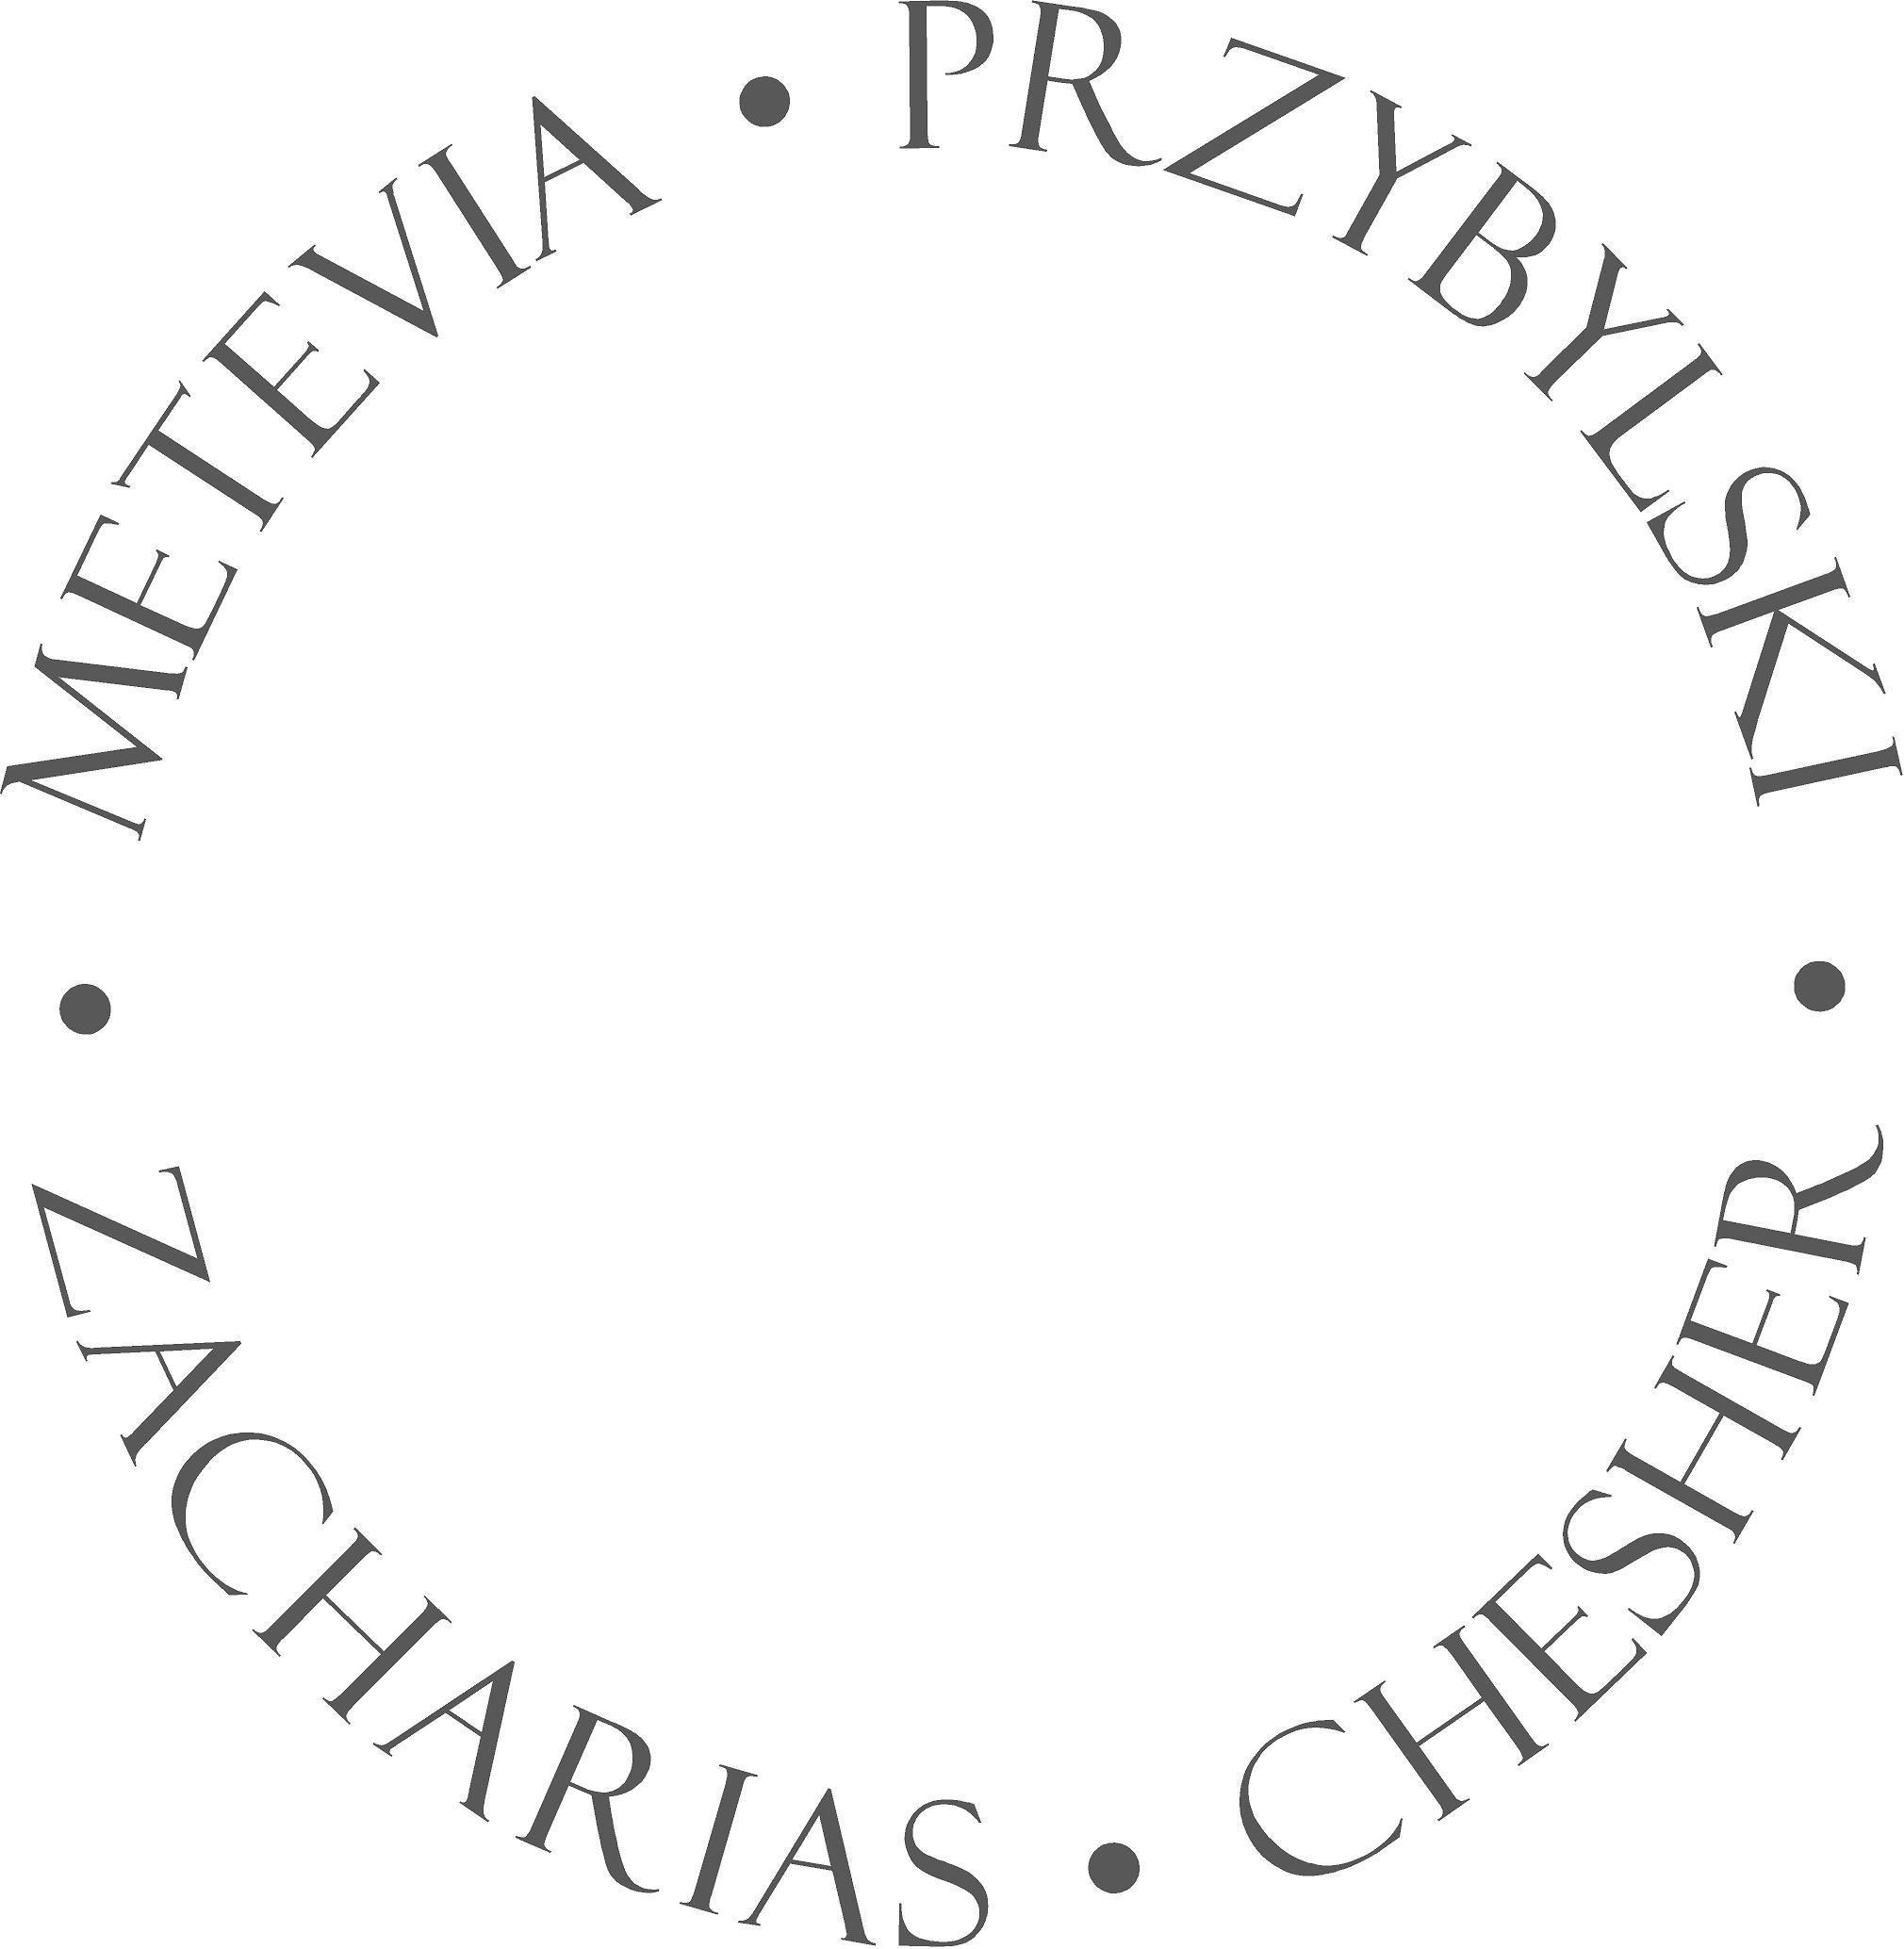 Paul Metevia - Family circle reprint